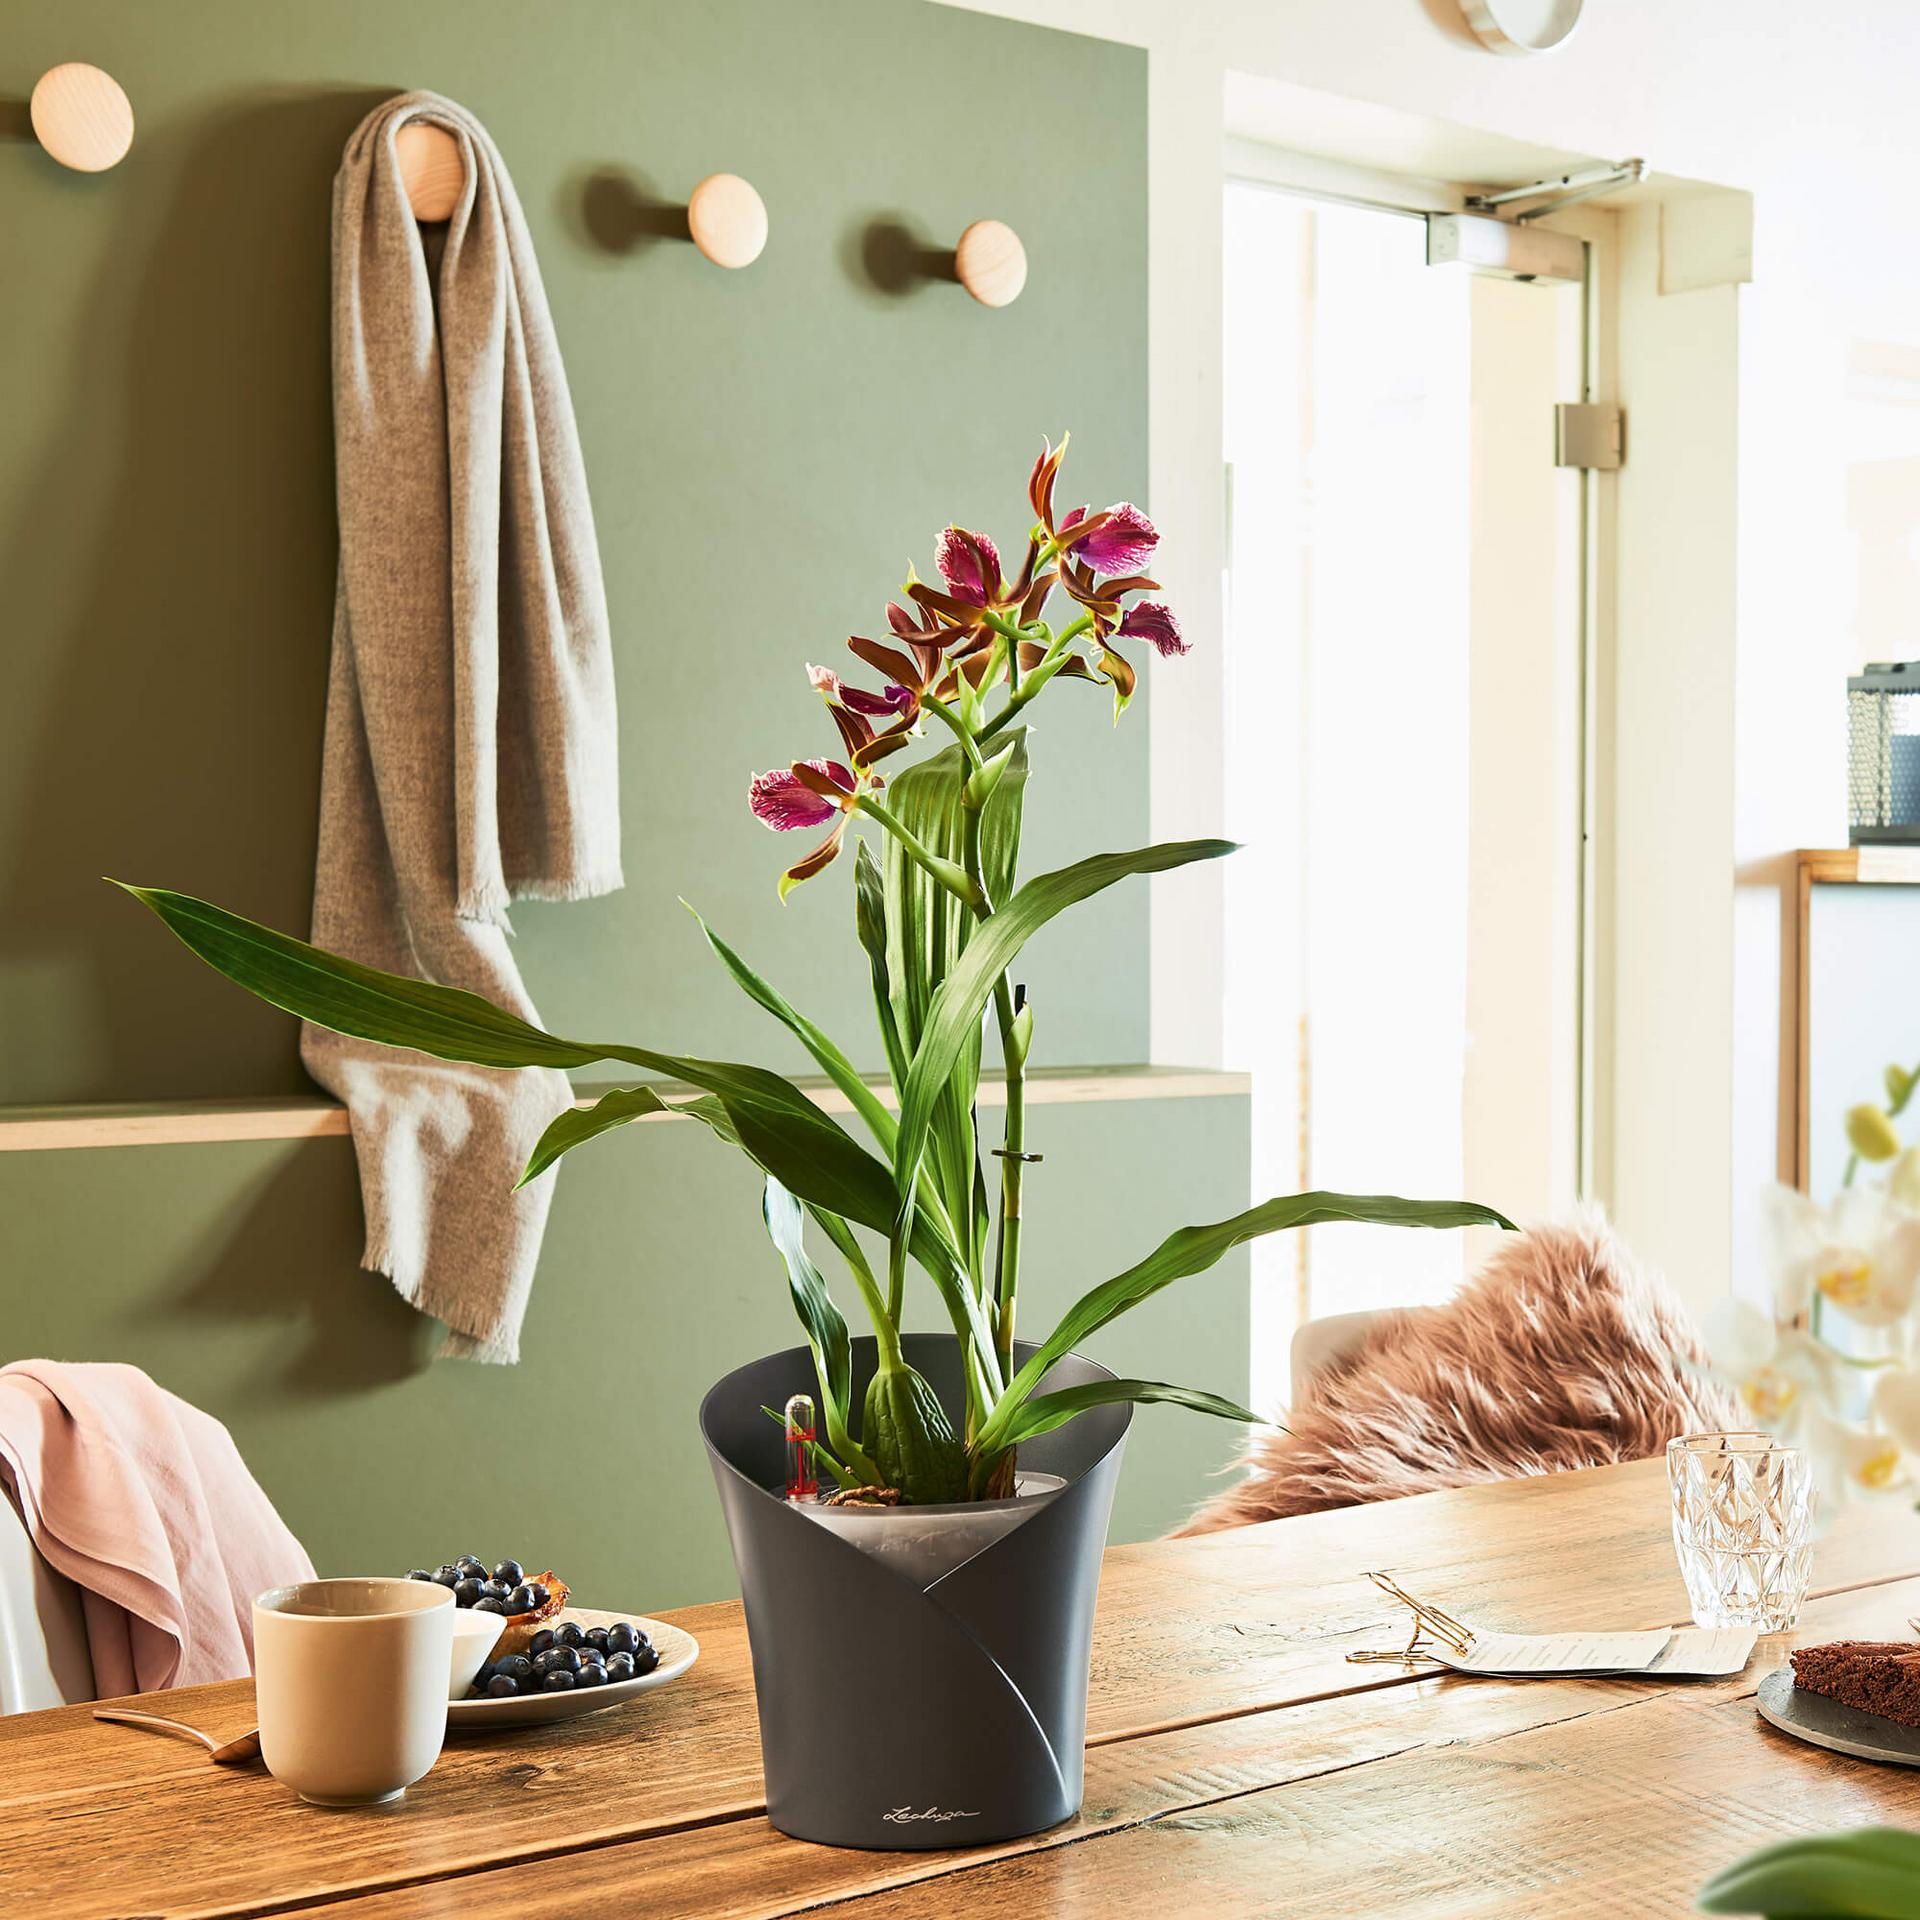 le_orchidea_product_addi_02